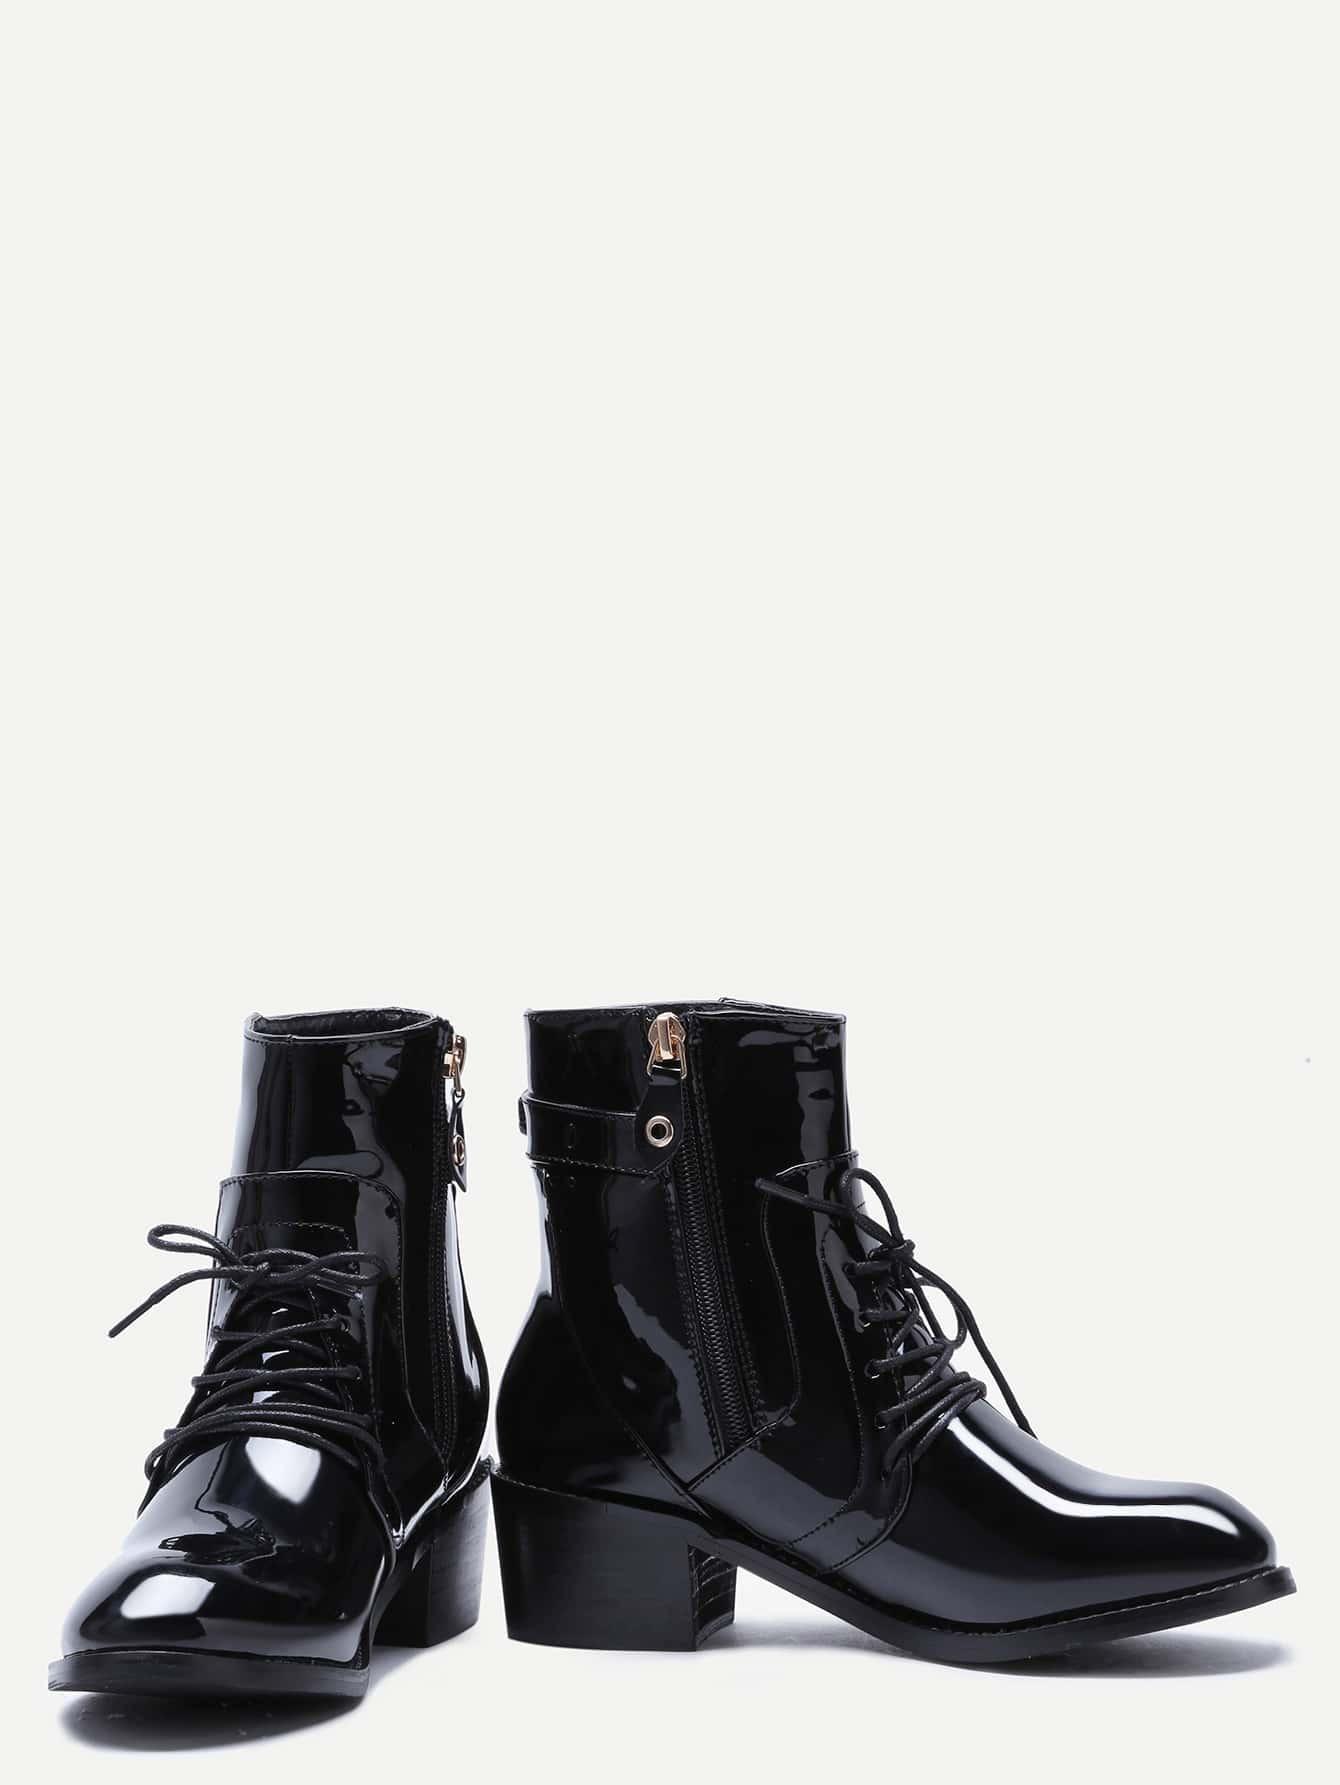 shoes161109807_2